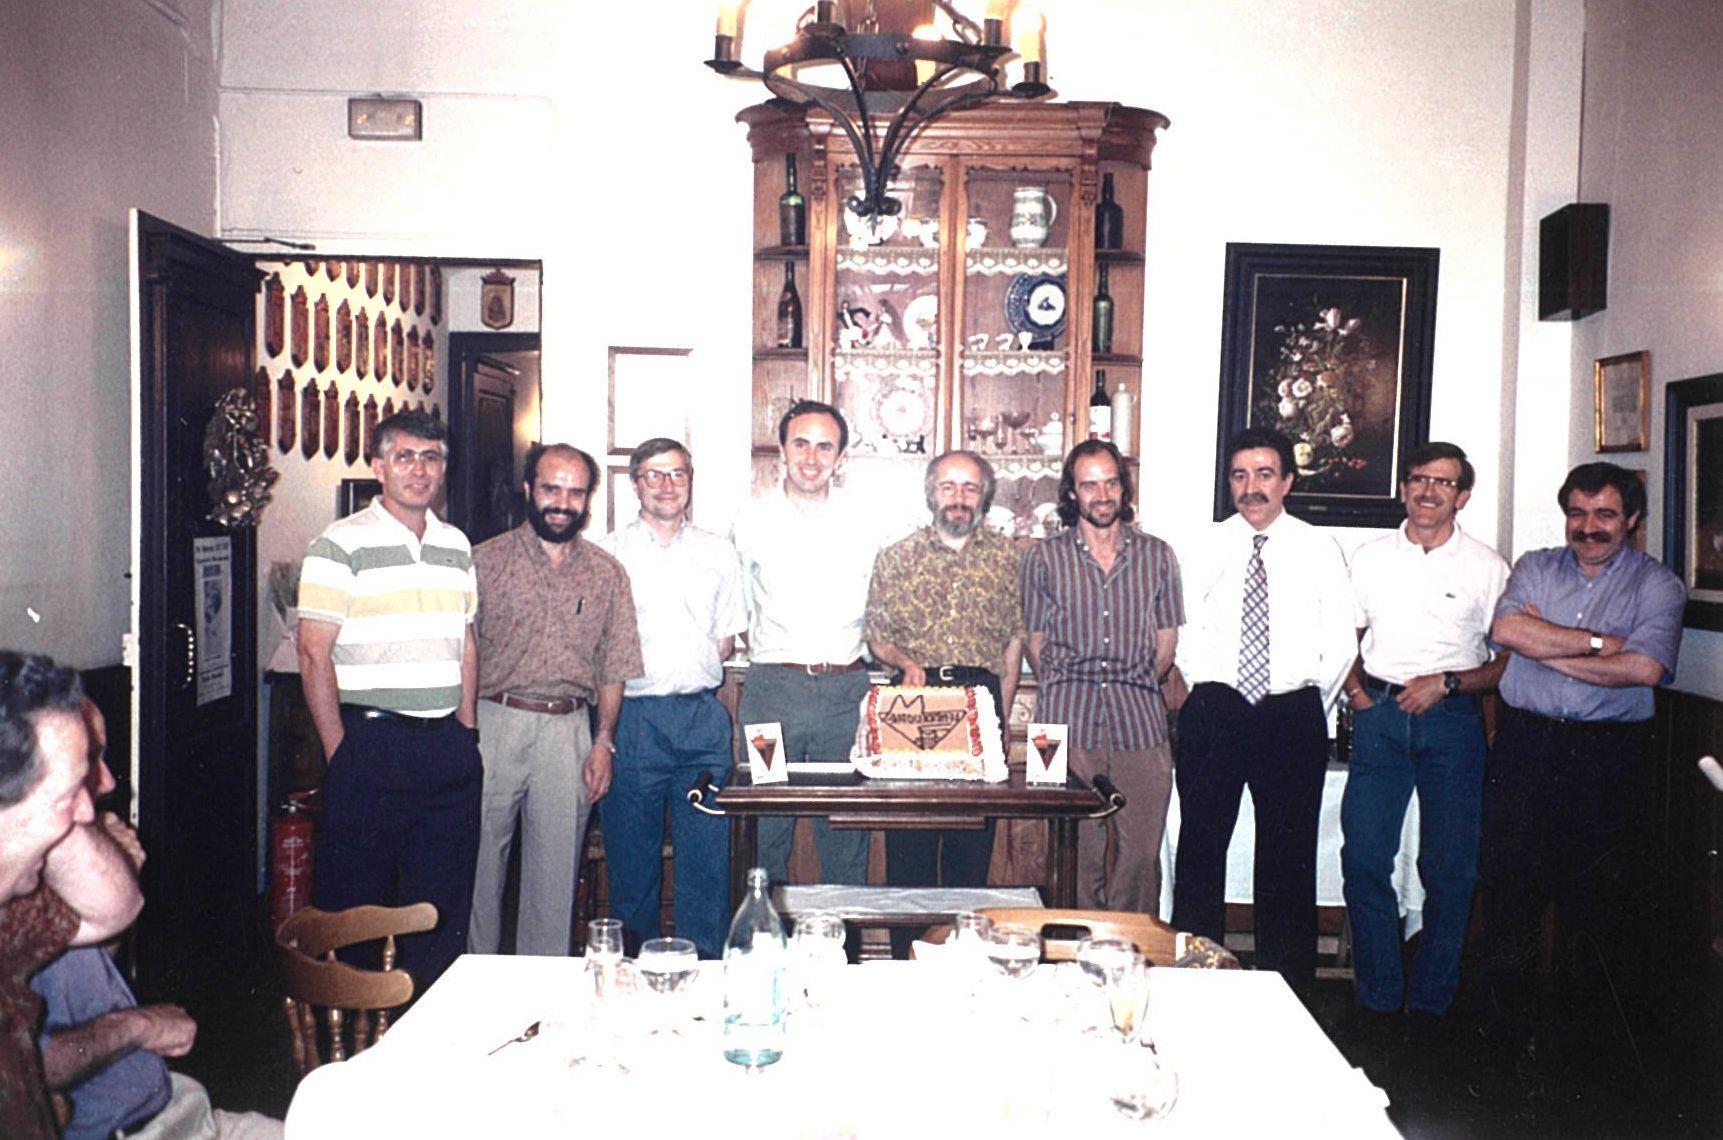 Celebració dels 25 anys al Mesón